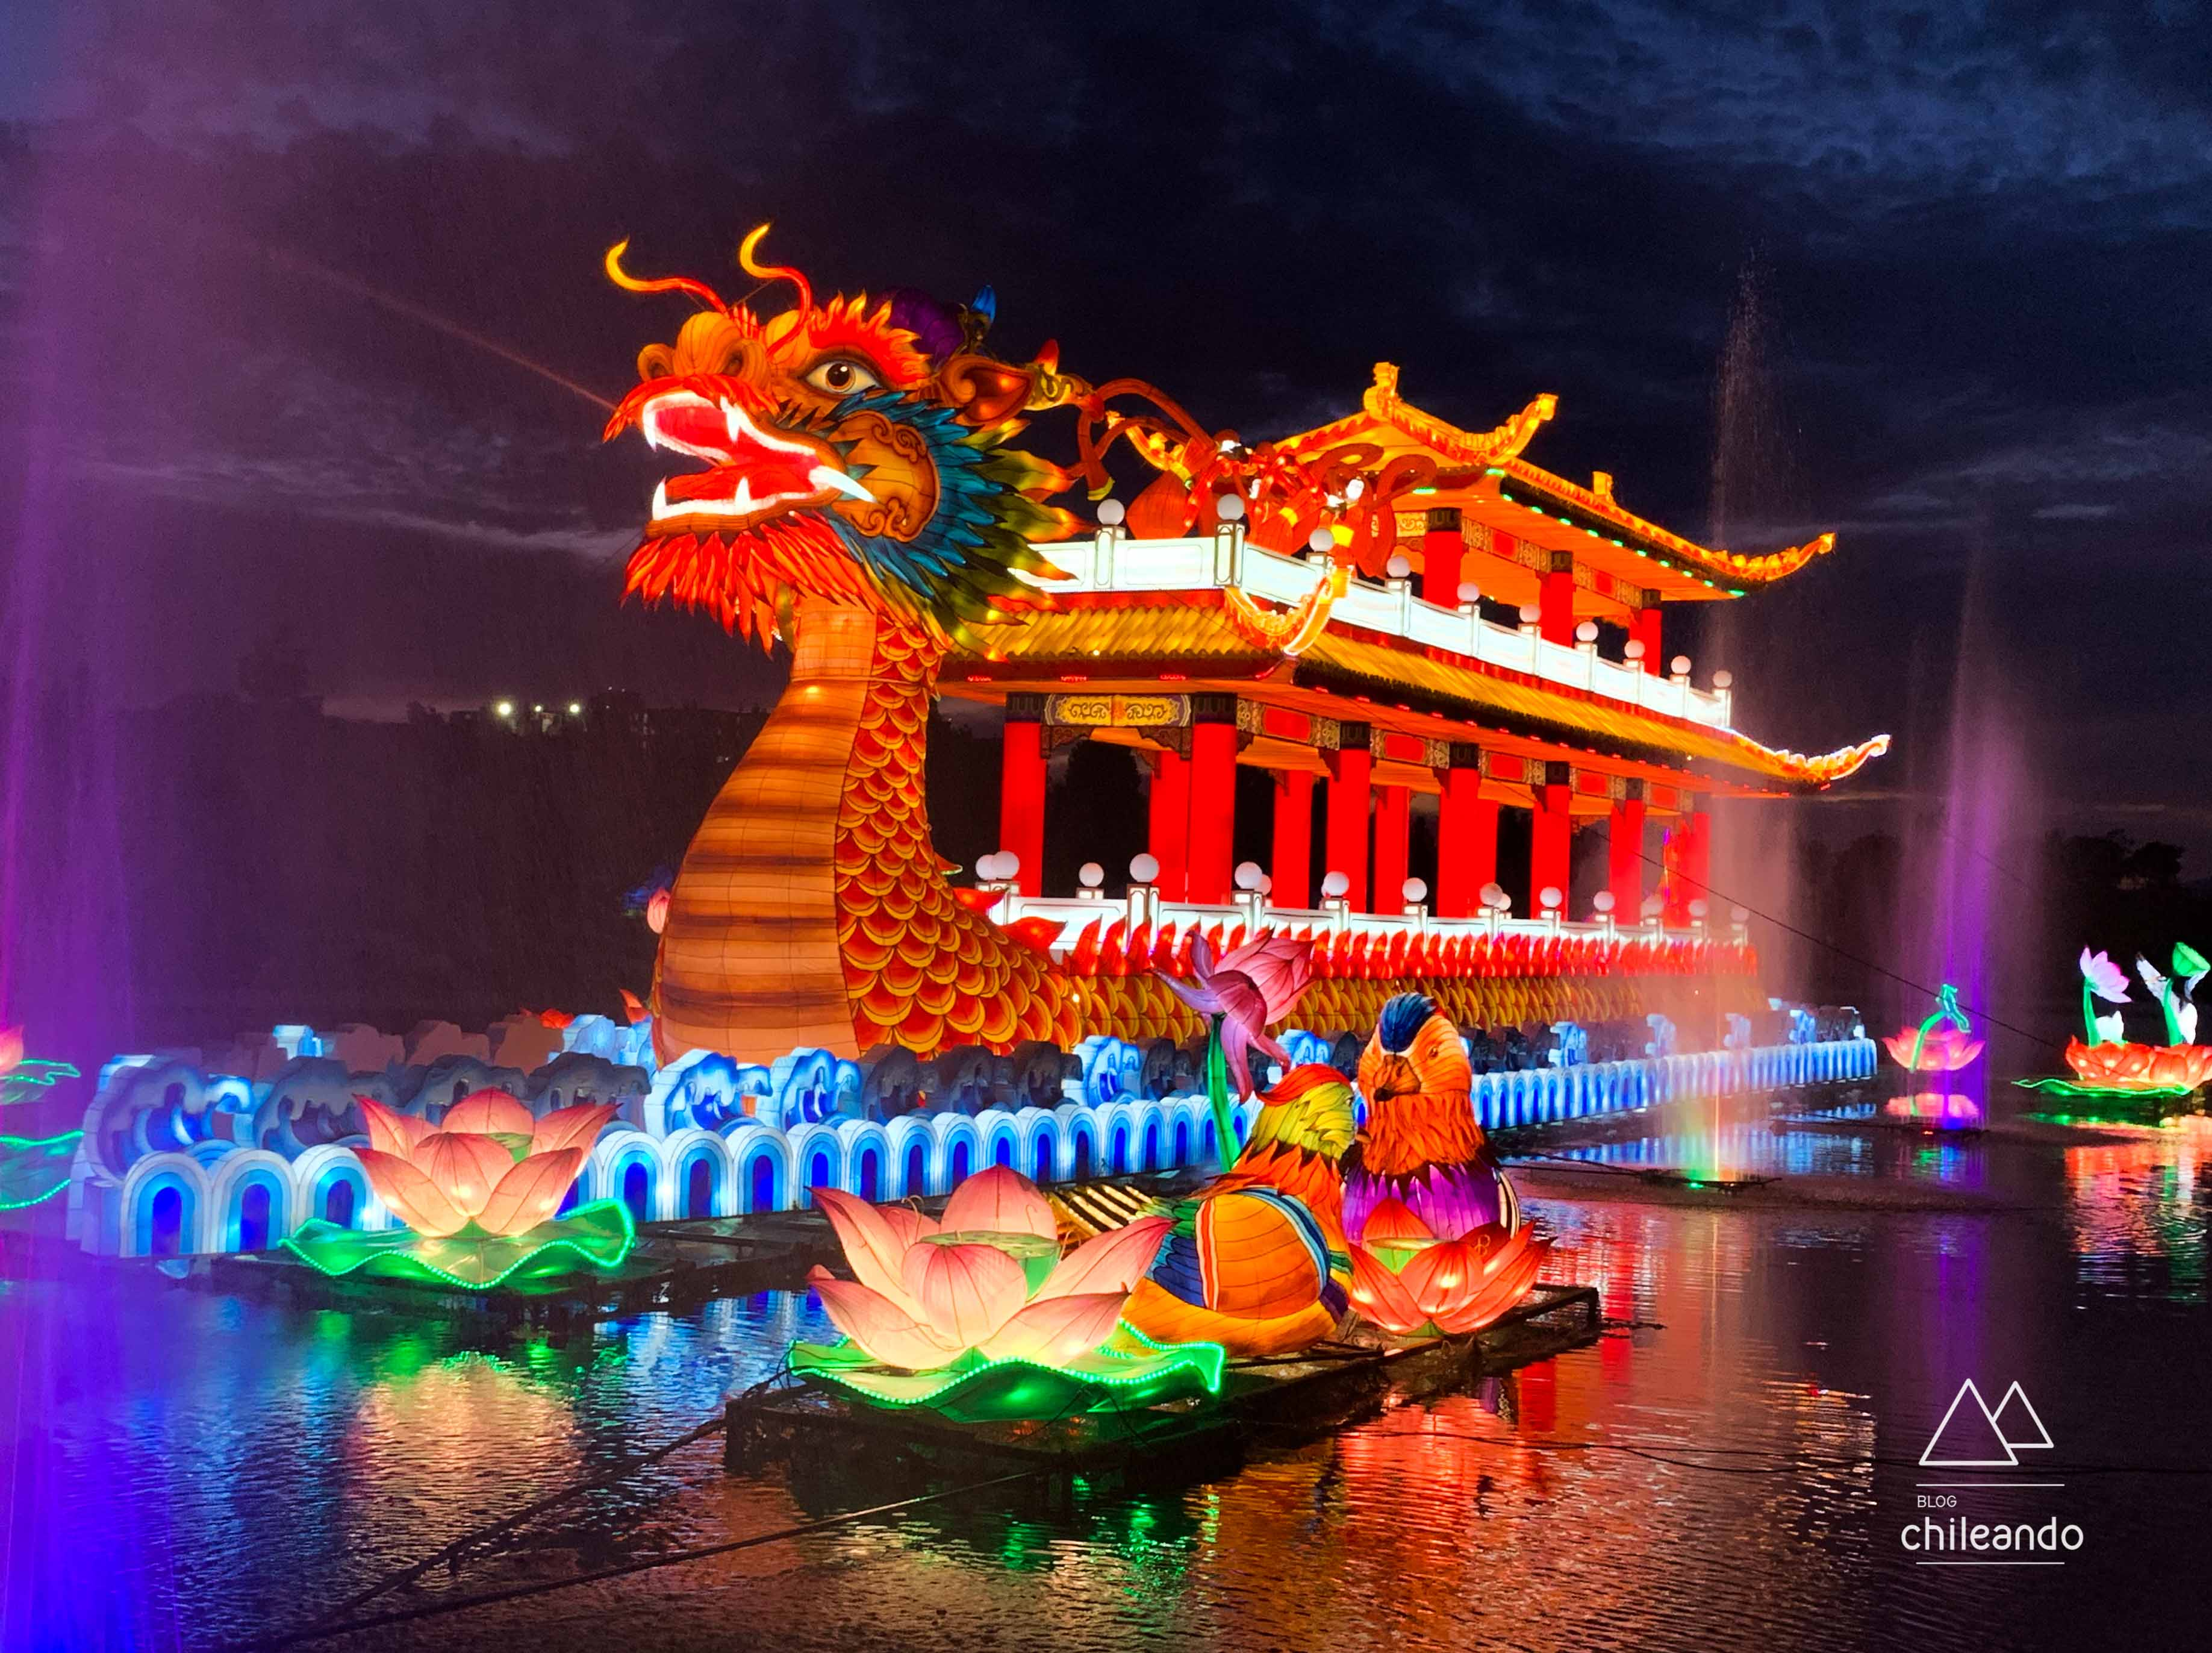 É possível percorrer as atrações do festival de luzes em cerca de 1 hora